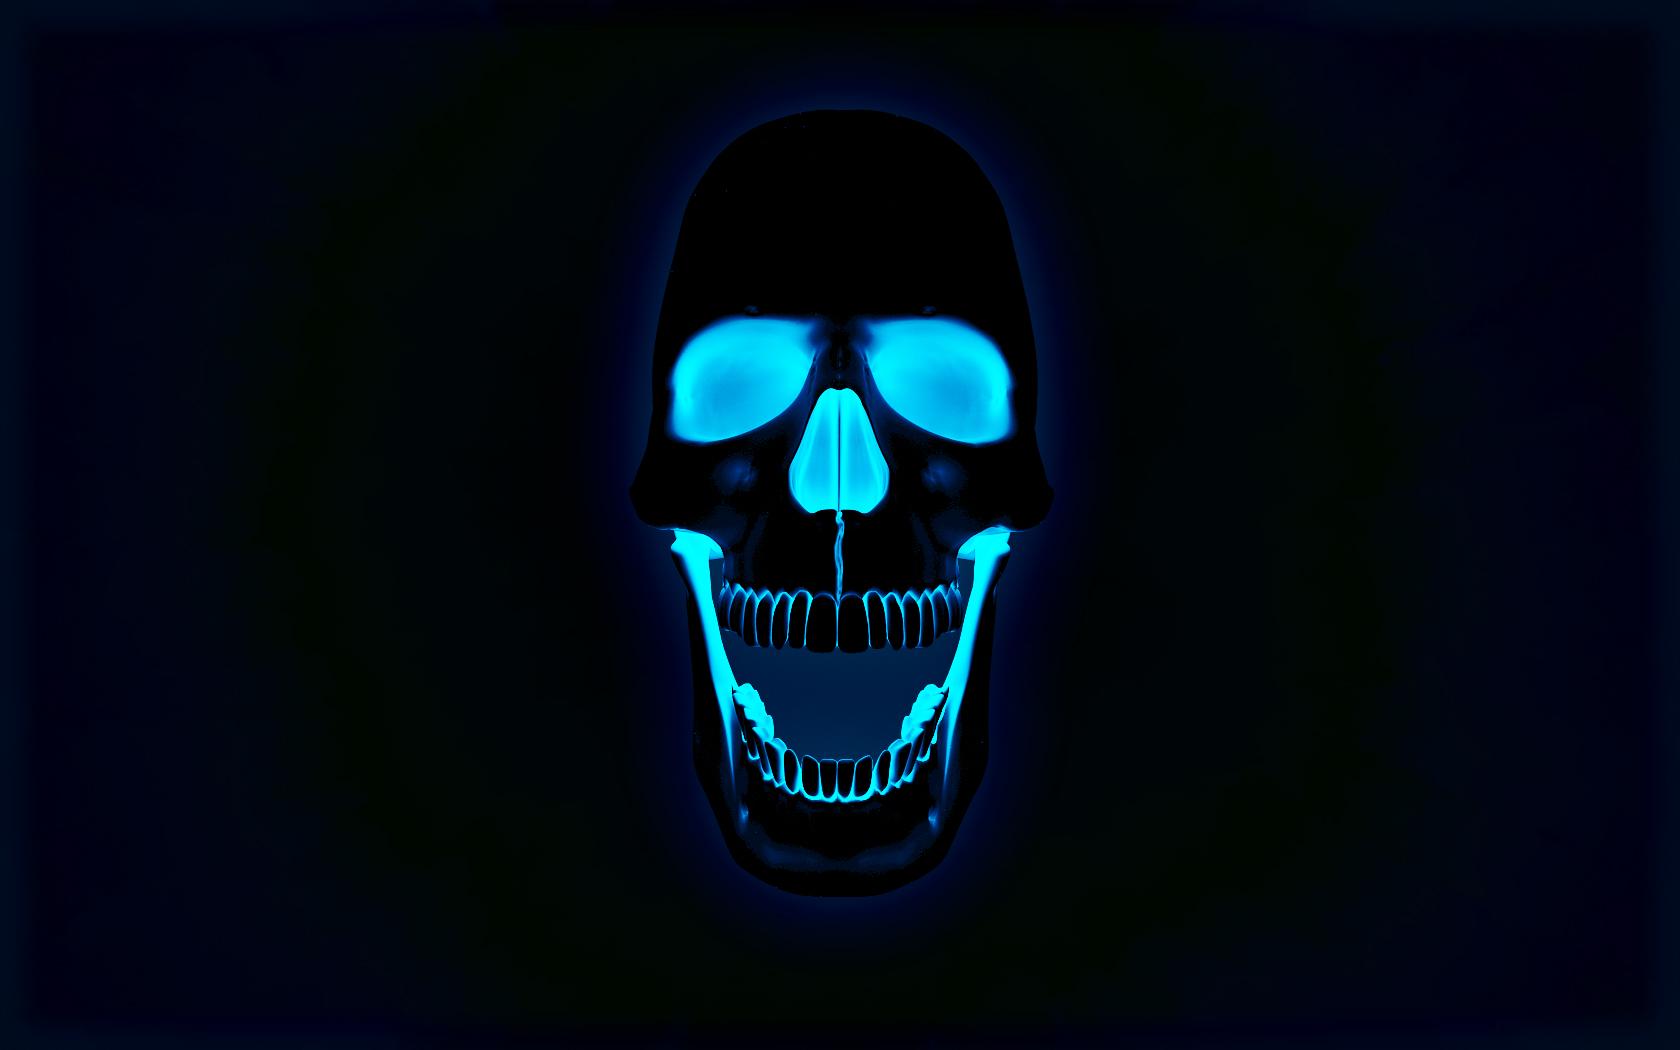 Dark Skull Wallpaper HD 5096 Wallpaper WallDiskPaper 1680x1050